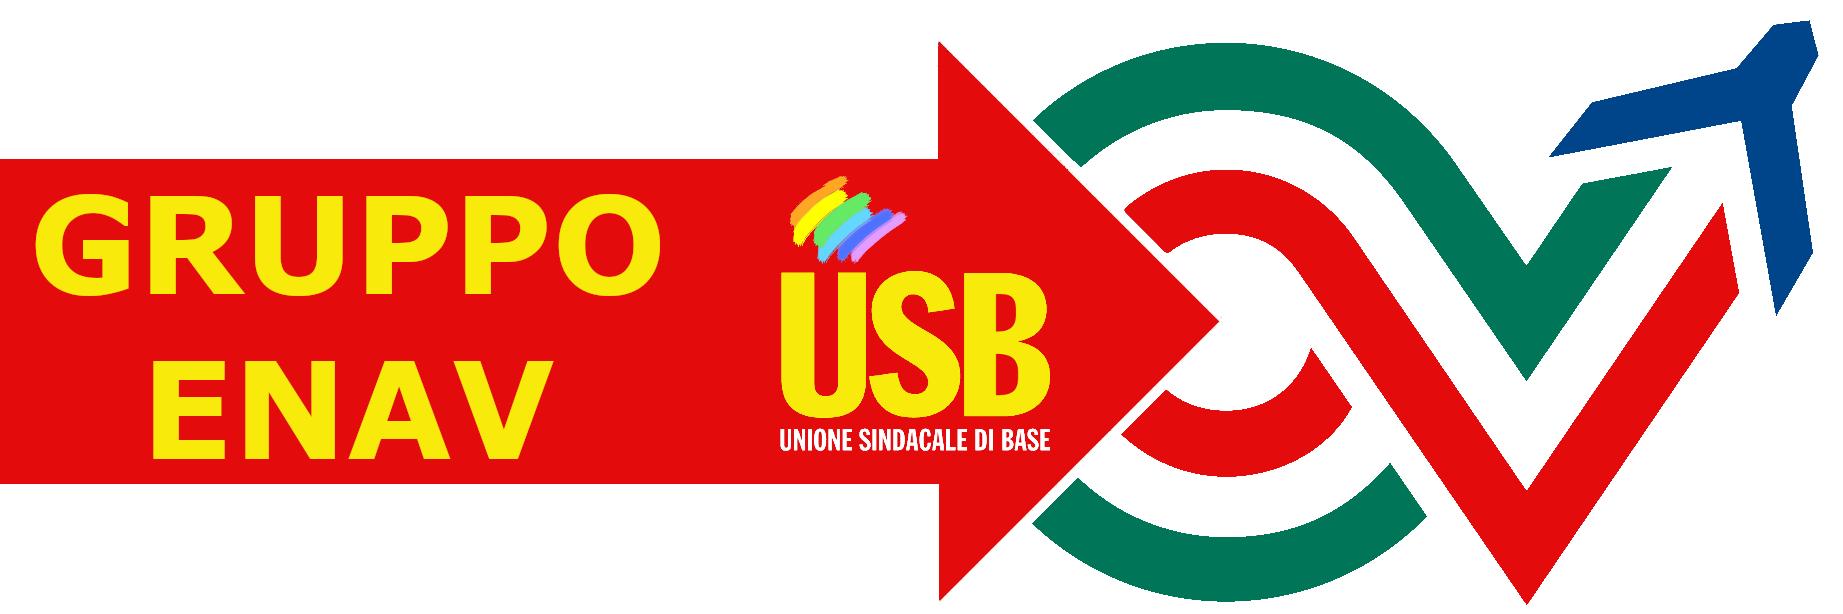 ᐅ USB GRUPPO ENAV